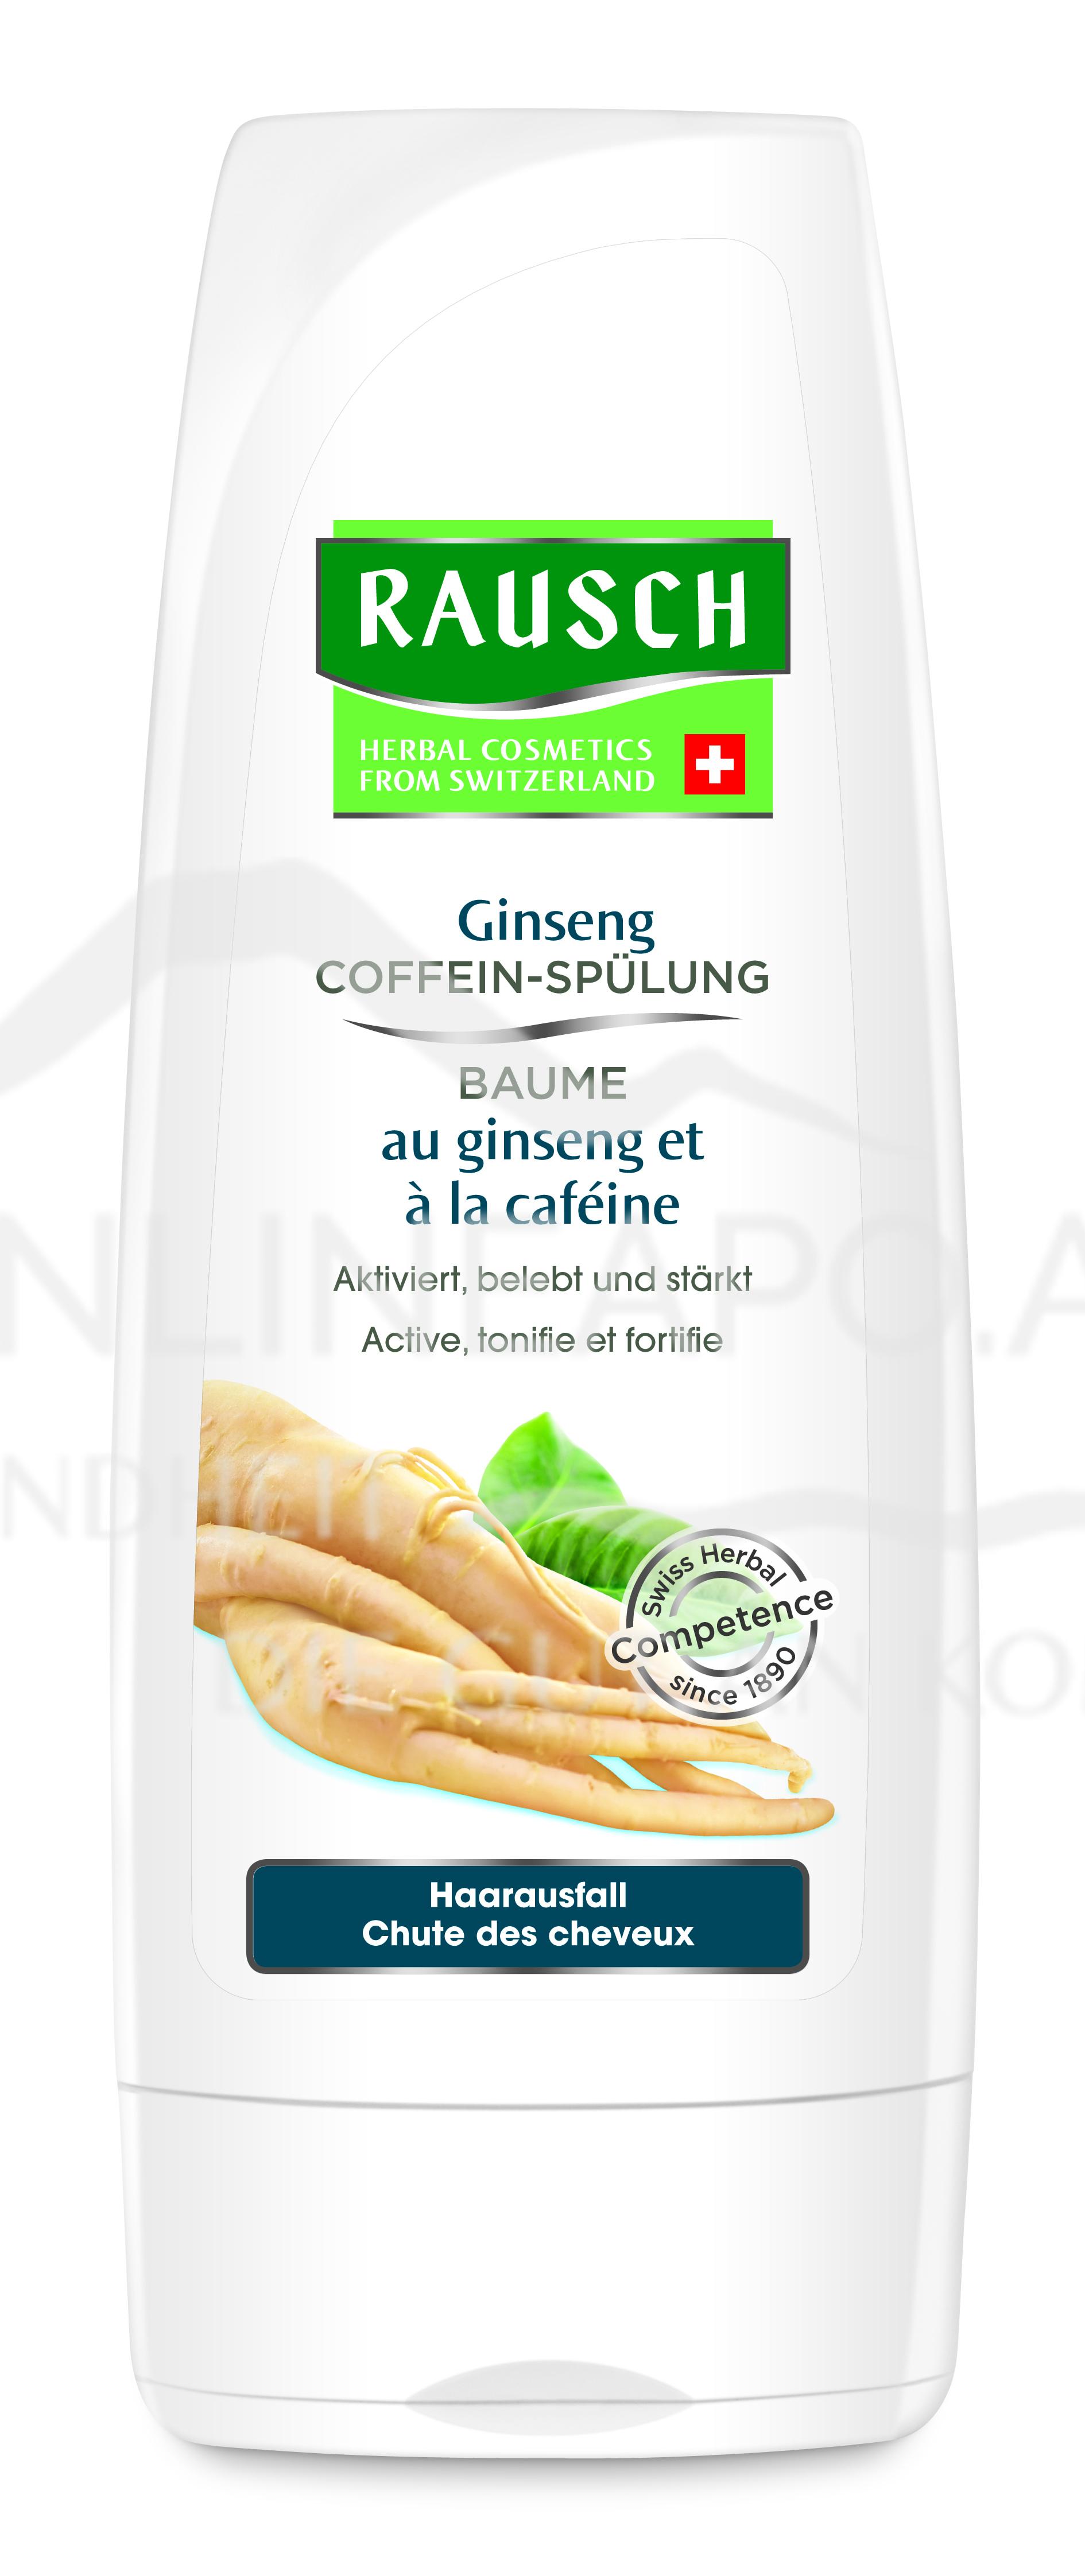 Rausch Ginseng Coffein-Spülung